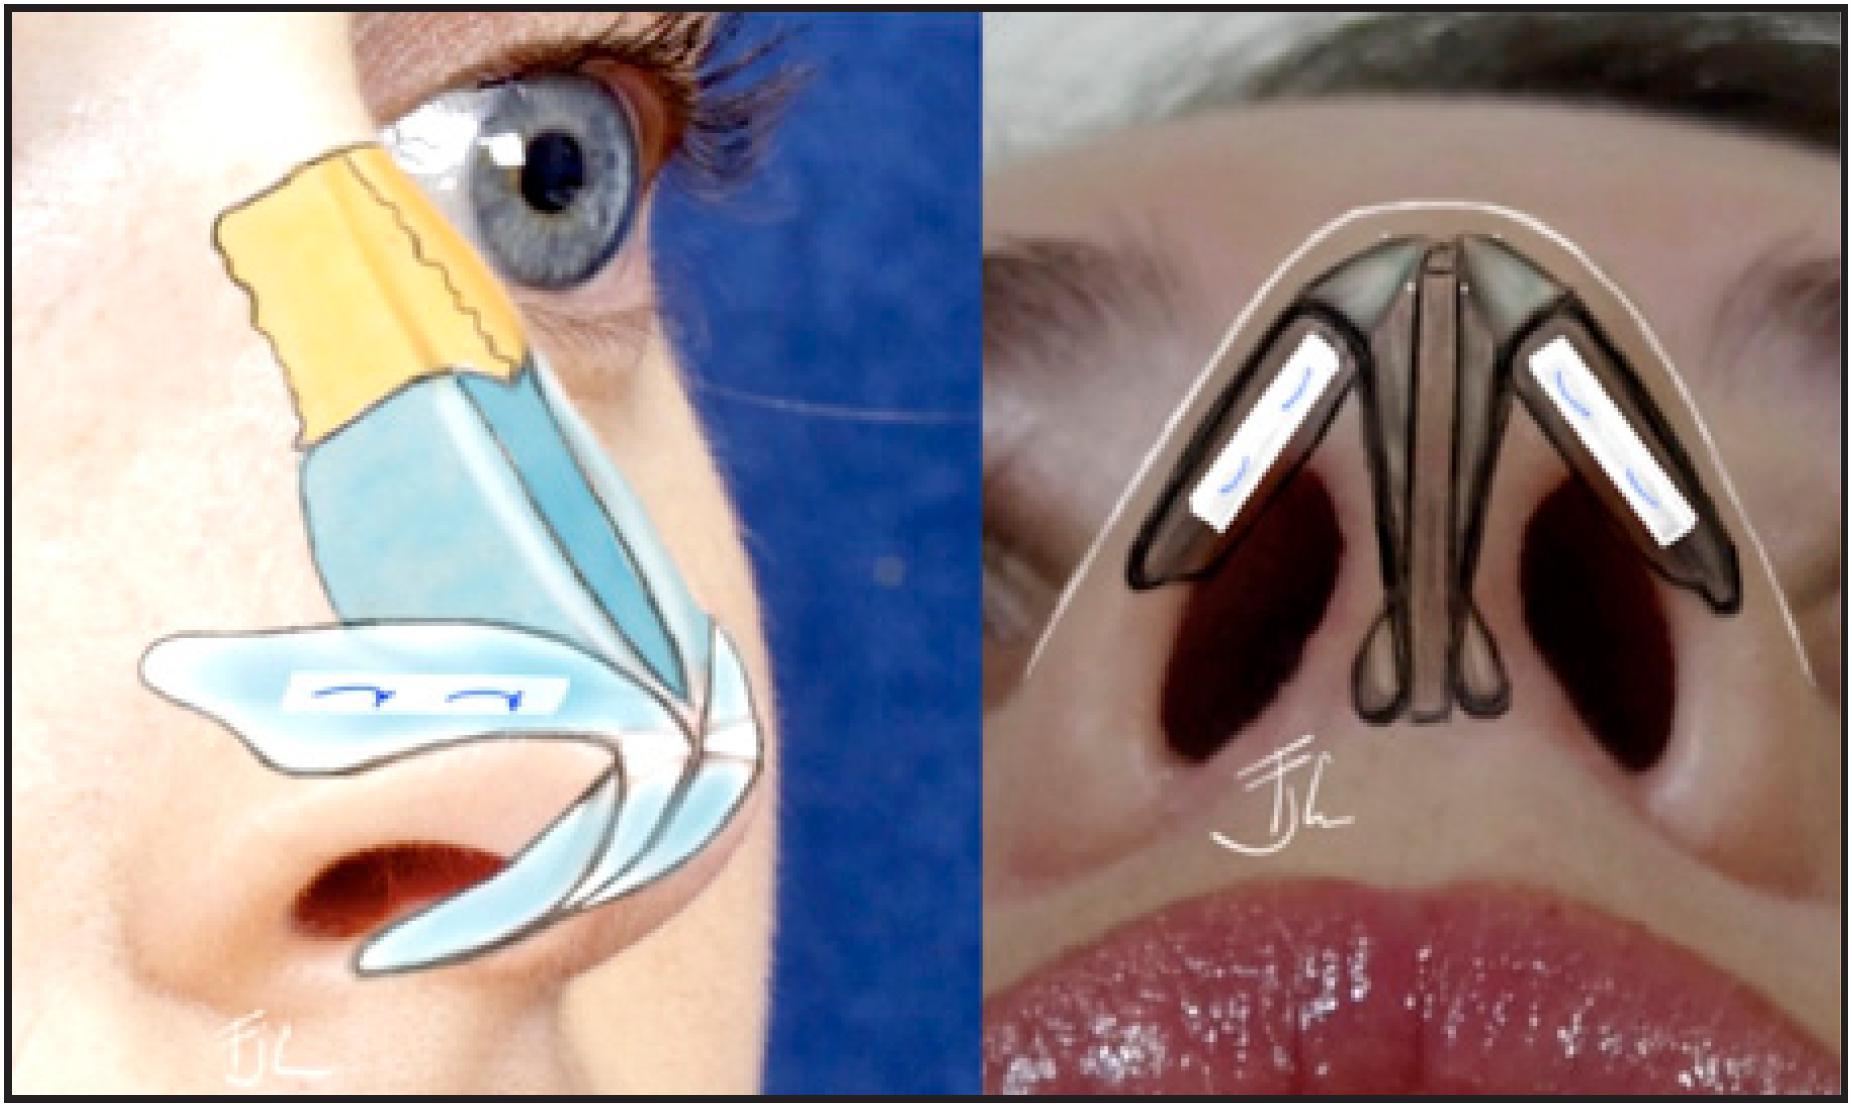 Válvula nasal en rinoplastía